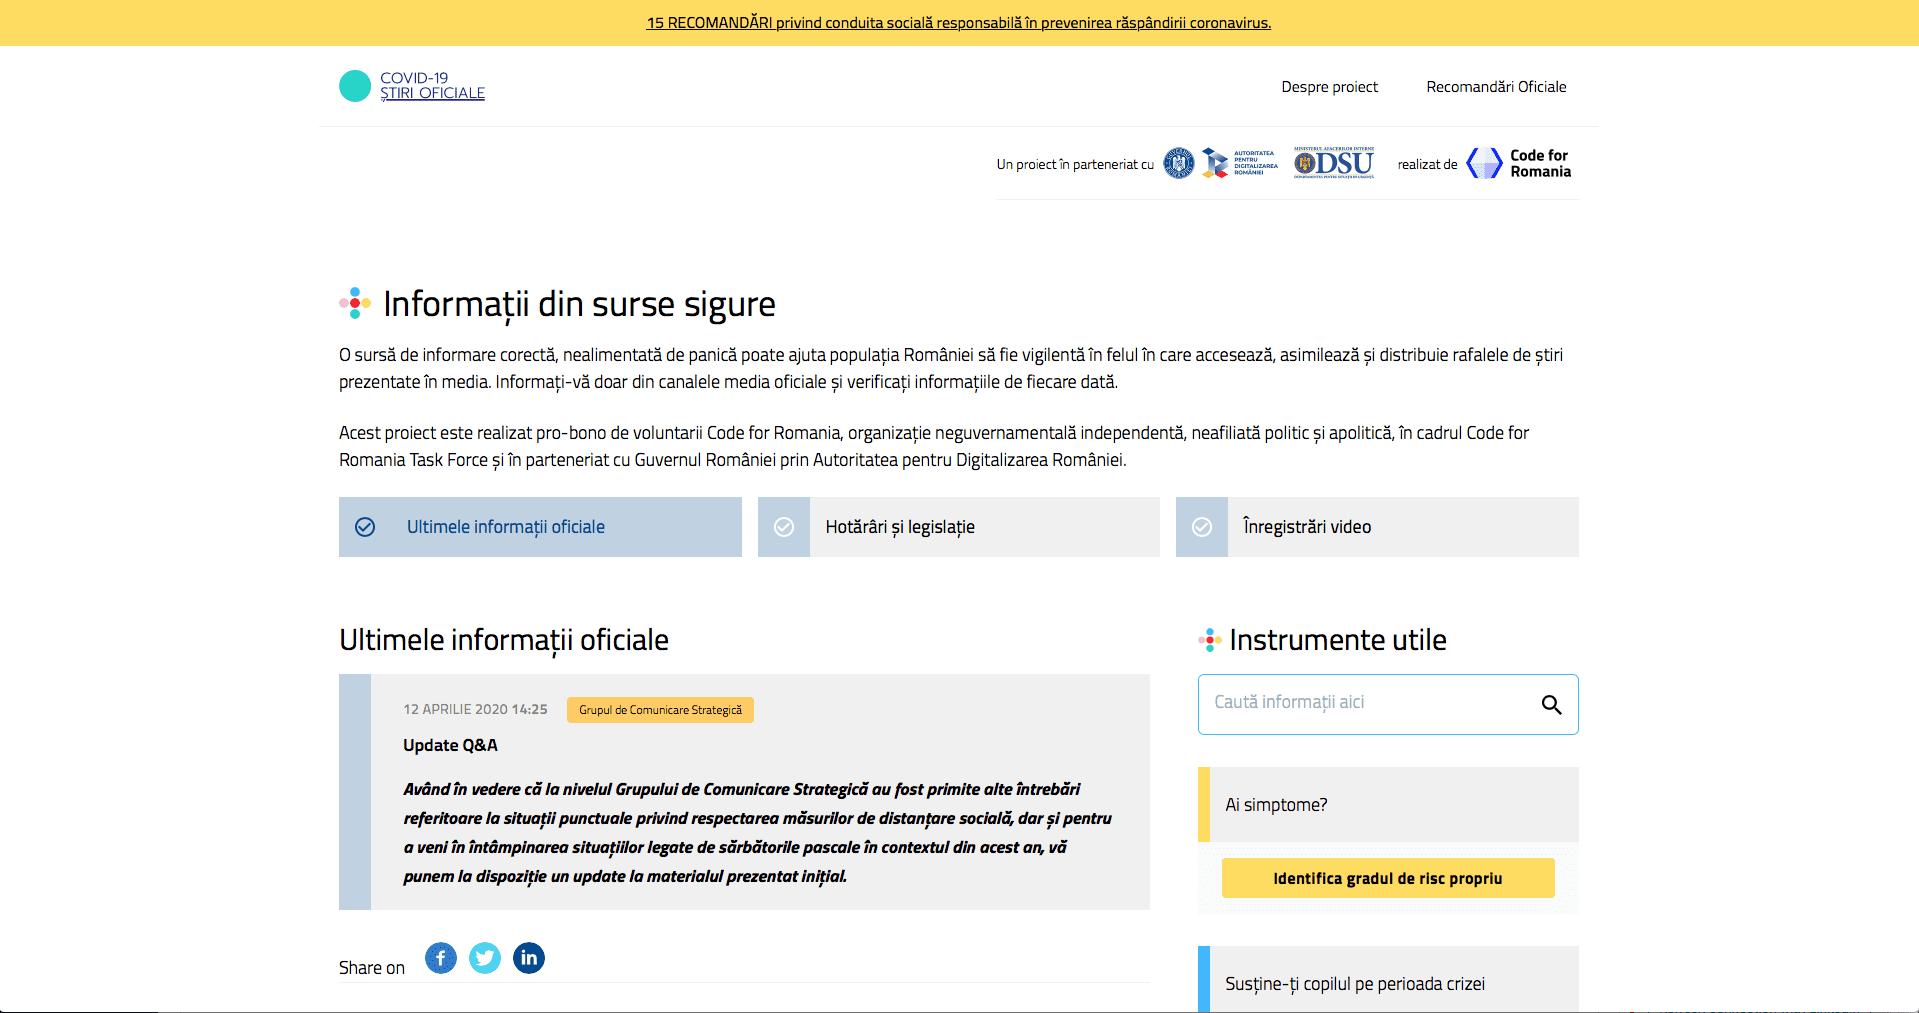 stirioficiale.ro: Update Q&A / Grupul de Comunicare Strategică